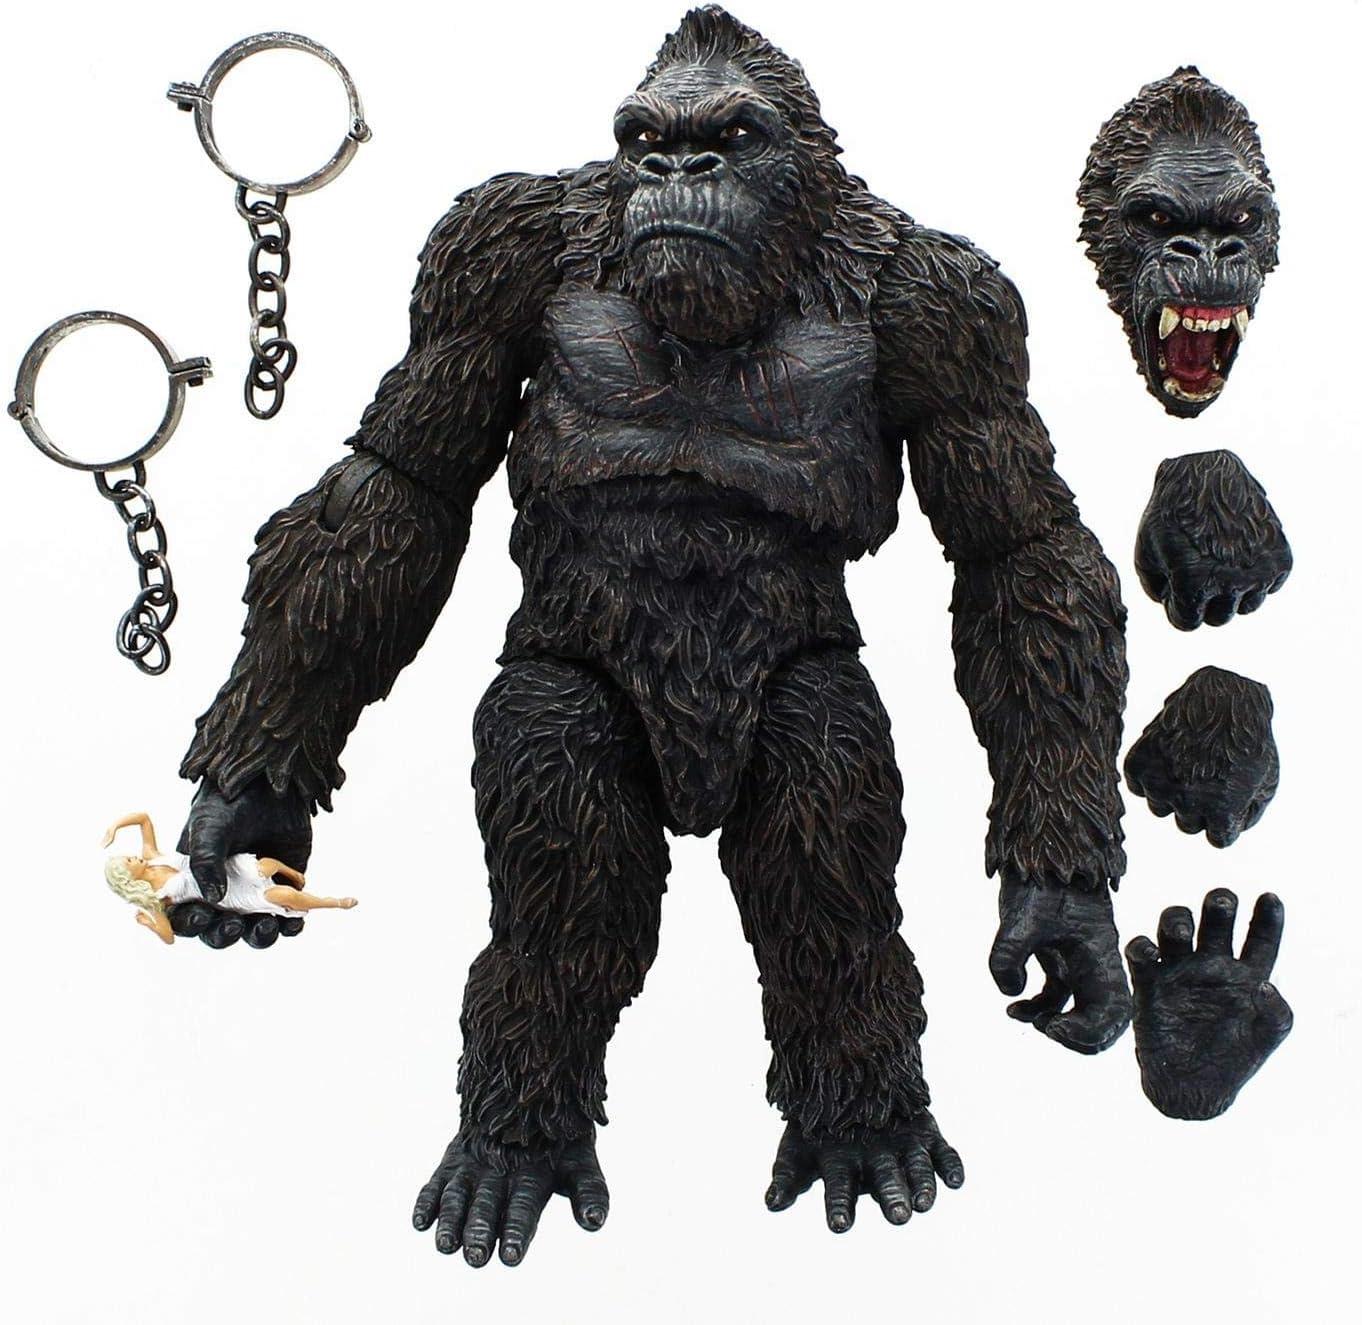 Figura de acción Mezco Toys King Kong of Skull Island 7